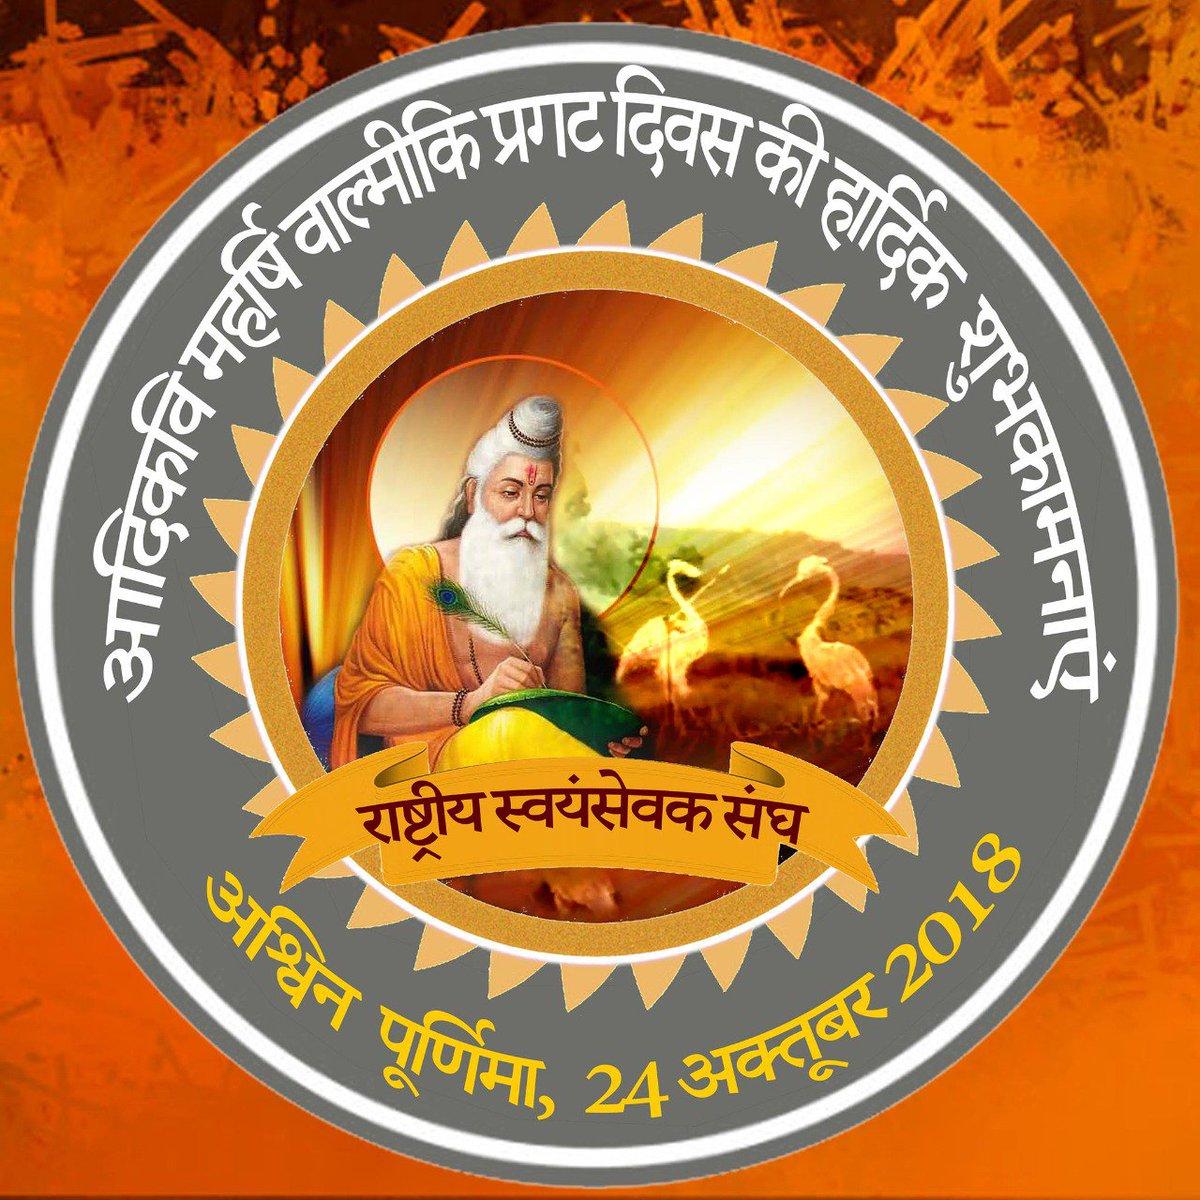 वाल्मीकि रामायण रामकथा का सबसे पुराना संस्करण है। #महर्षिवाल्मीकिजयंती #MaharishiValmikiJayanti